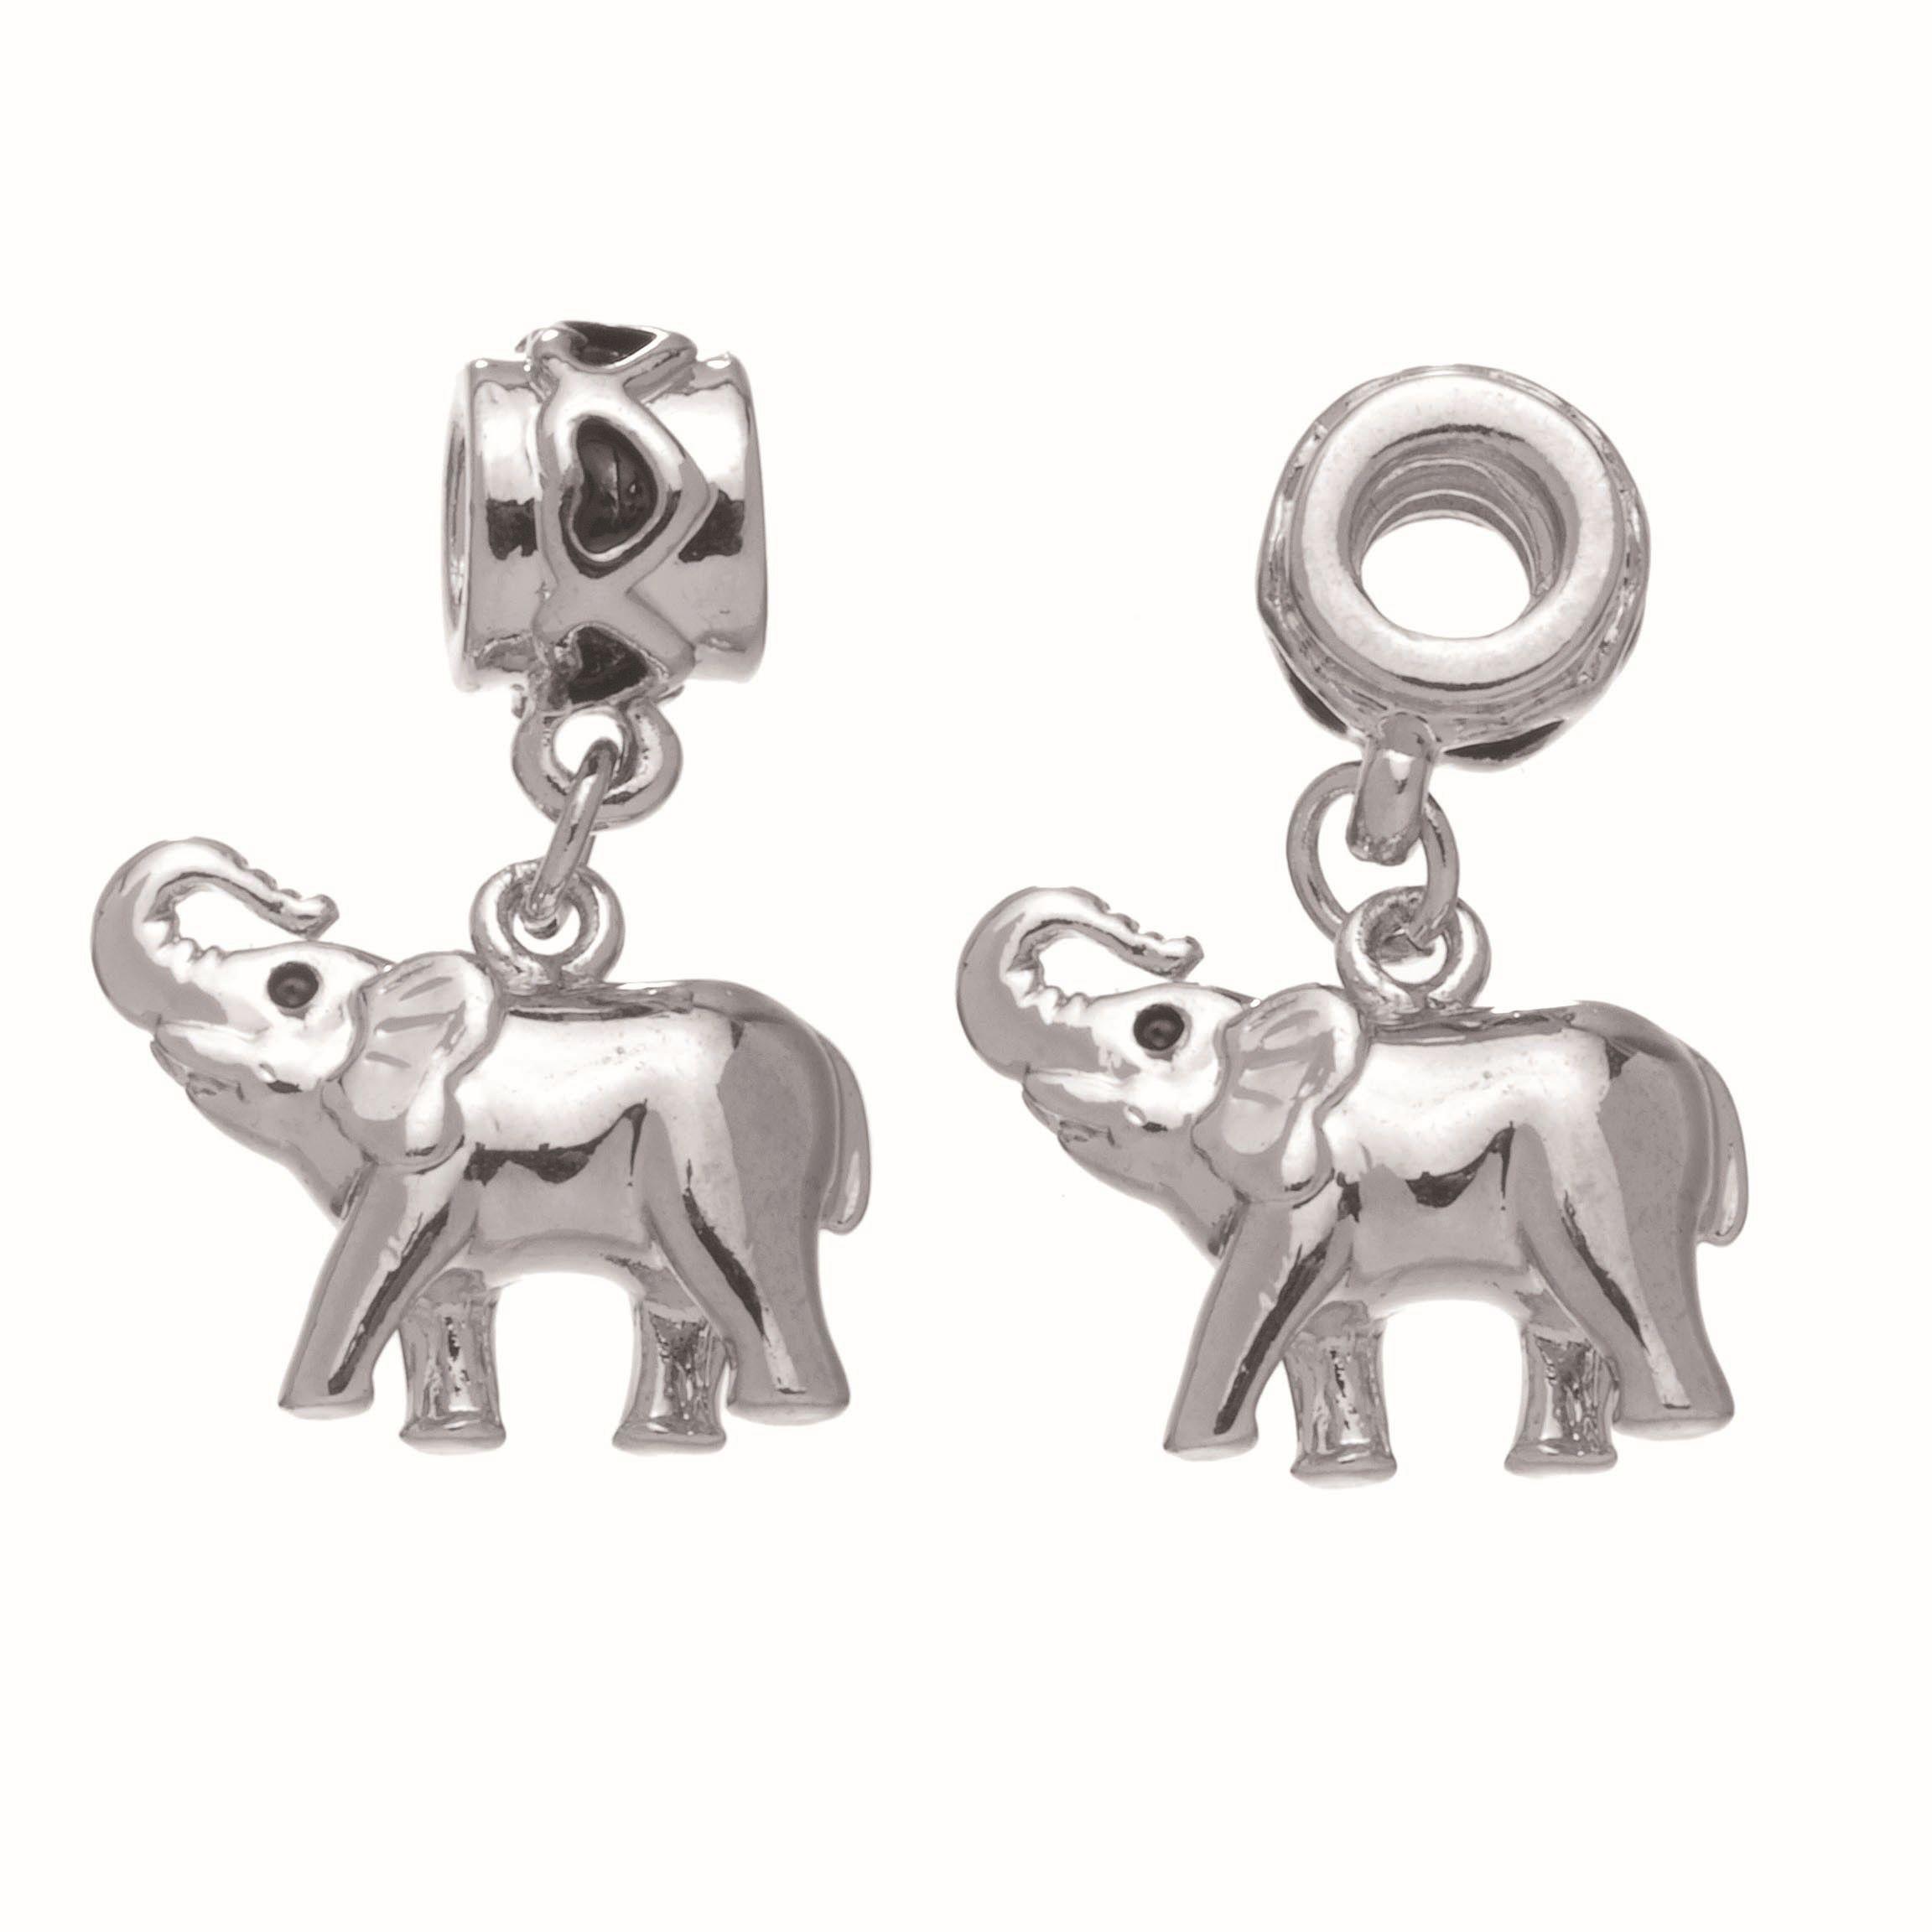 63713006 Кулон для браслета Слон 1 шт серебро Glorex